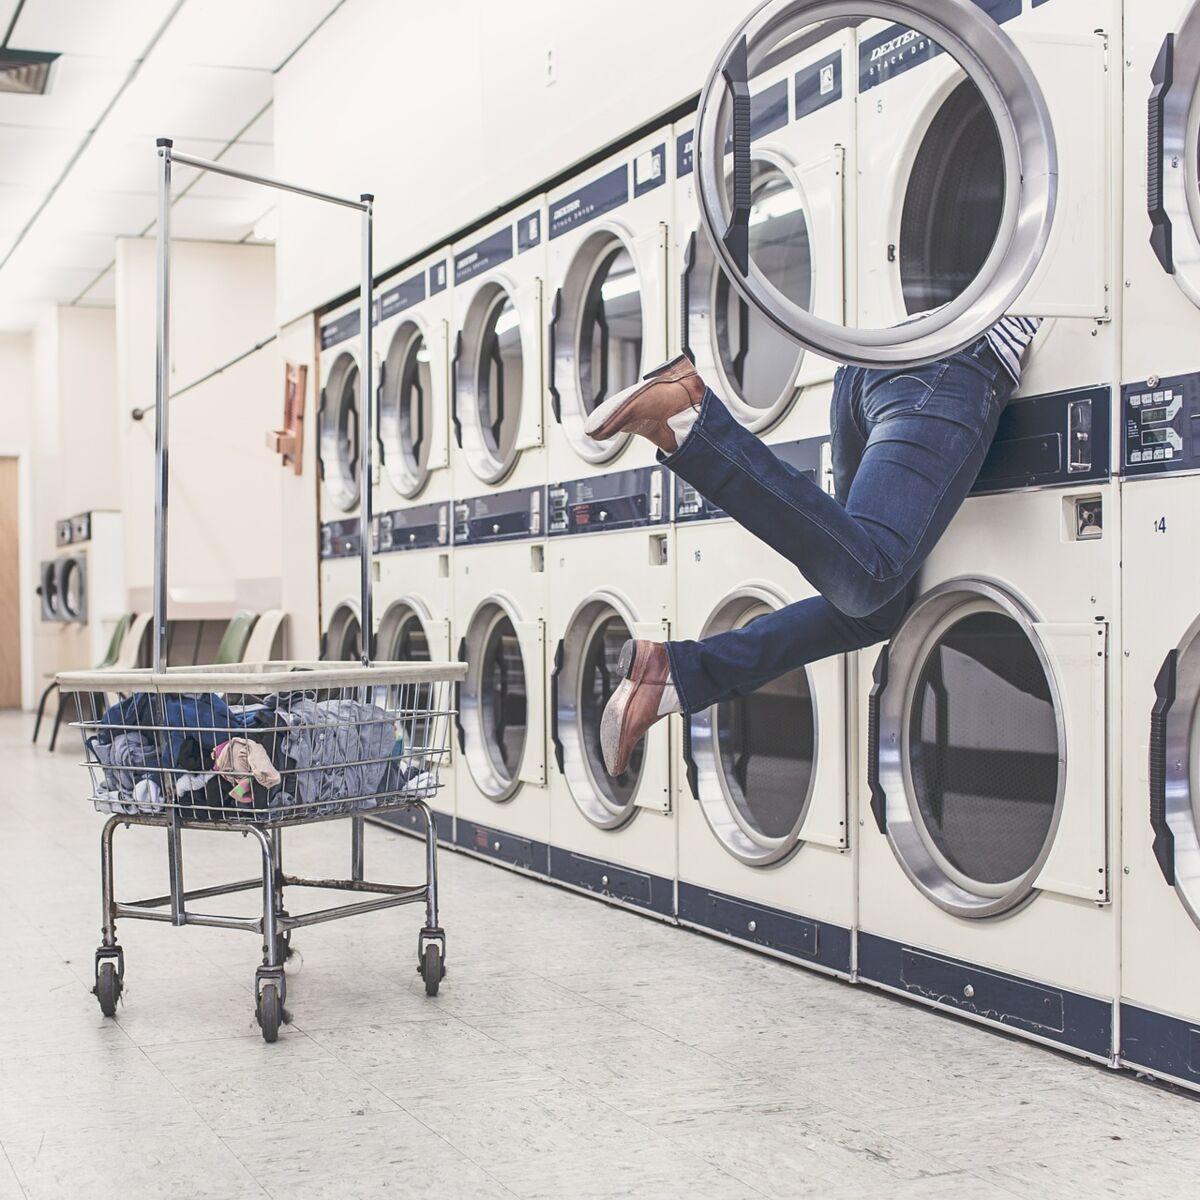 Comment Nettoyer Un Lave Linge Encrassé les 15 erreurs que l'on fait tous en lavant son linge